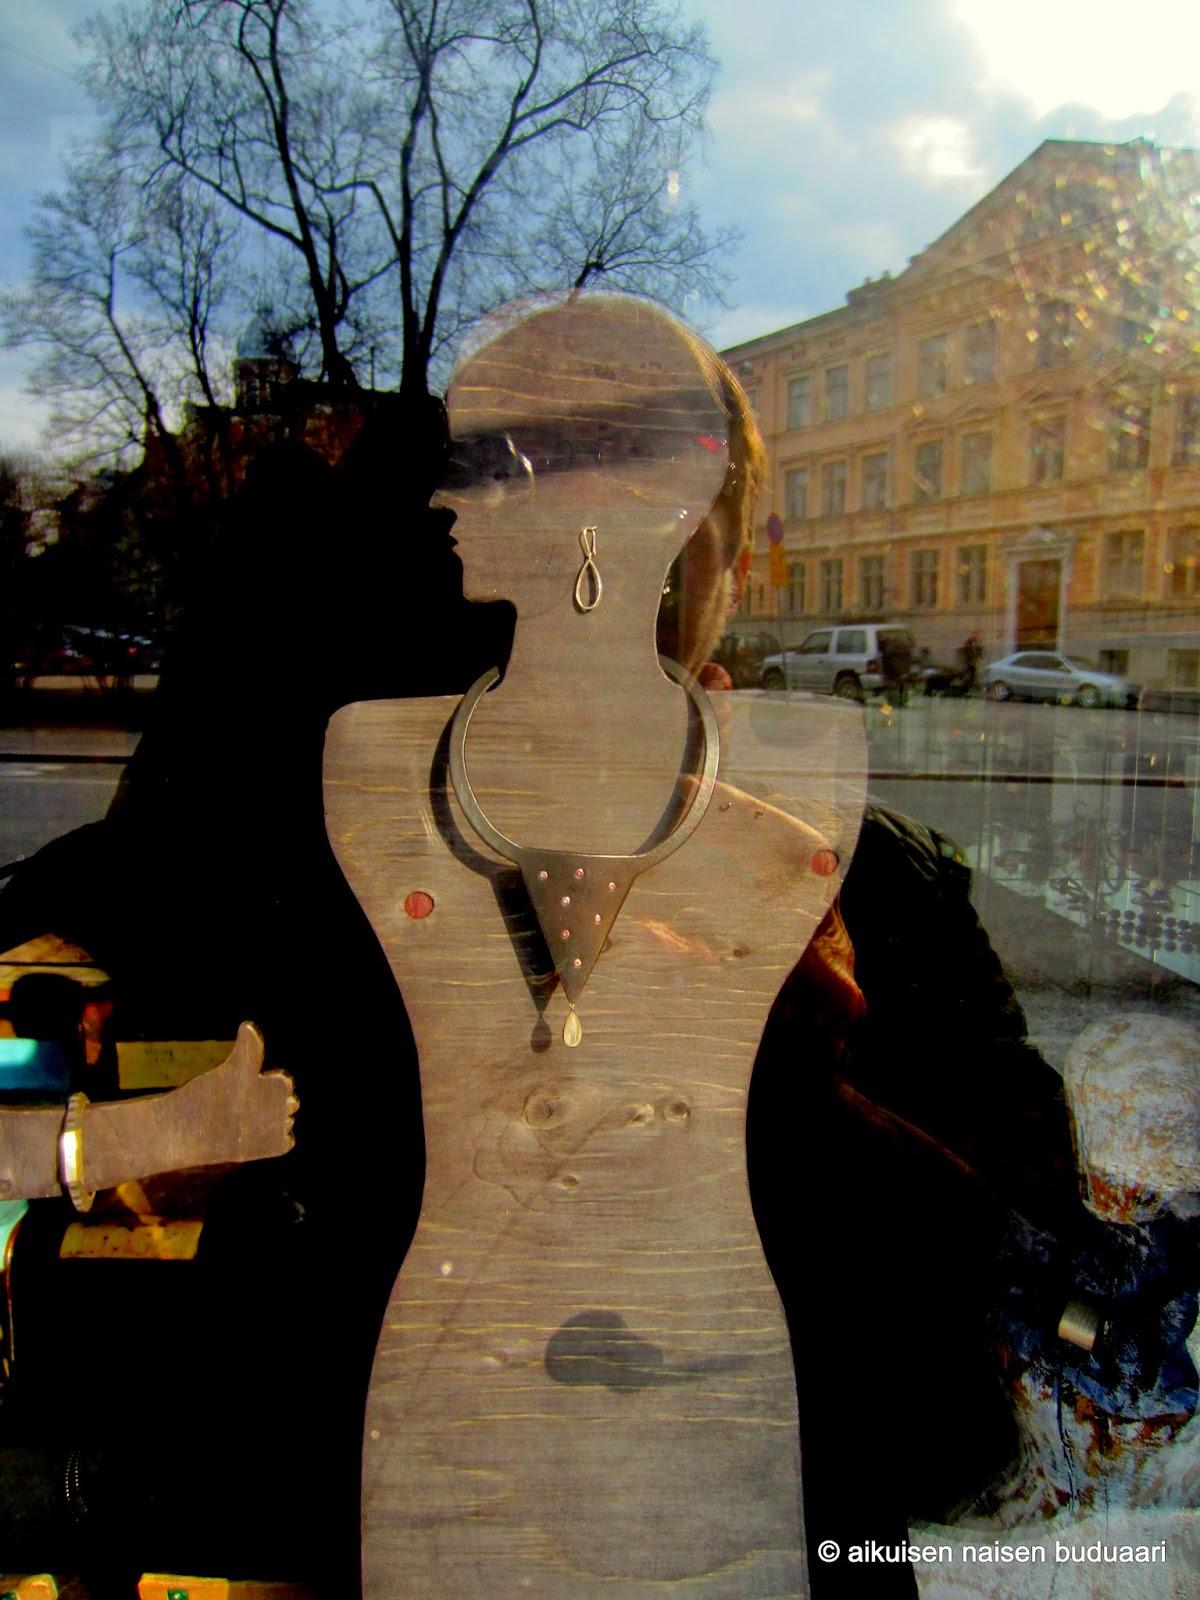 Merkki Laukkuja : Aikuisen naisen buduaari kev??n merkki